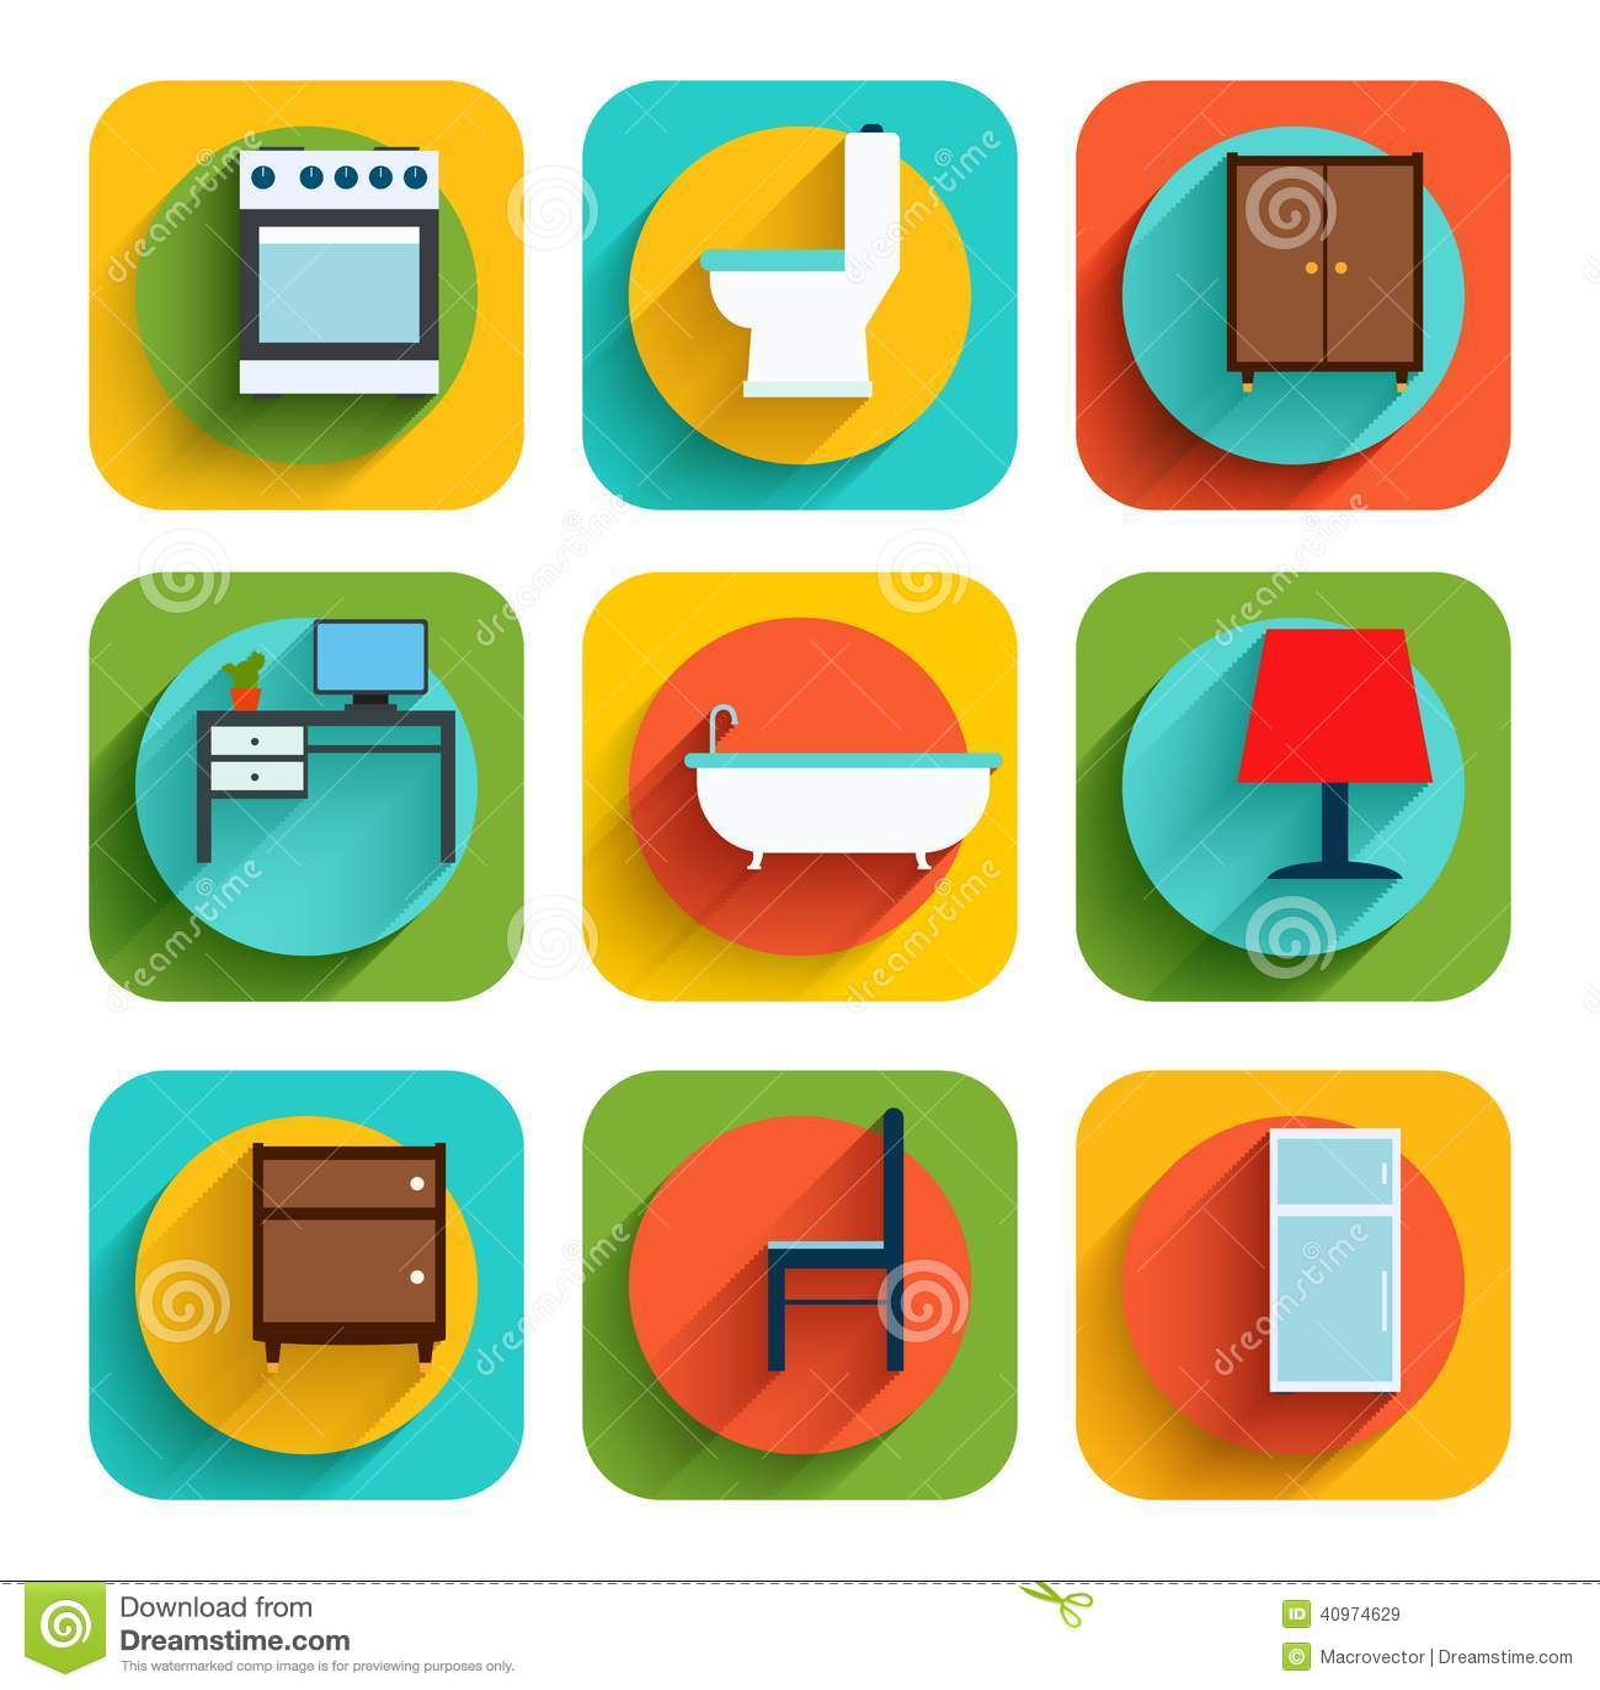 Iconos interiores de los muebles de la casa ilustraci n for Muebles de la casa